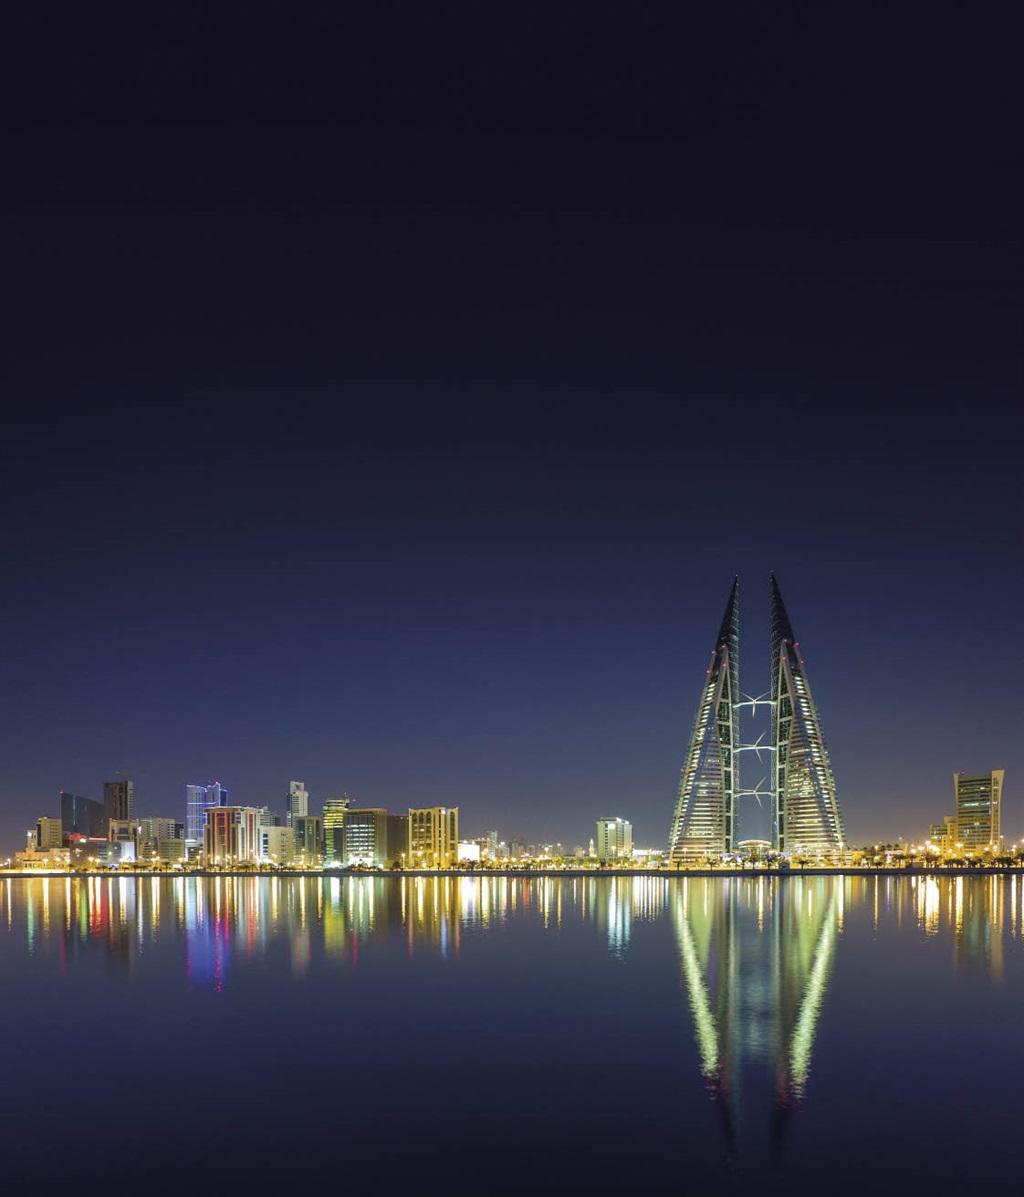 Die Bahrain World Trade Center in Manama troon bo die res van die stad uit. Disdie tweede hoogste gebou in die land.